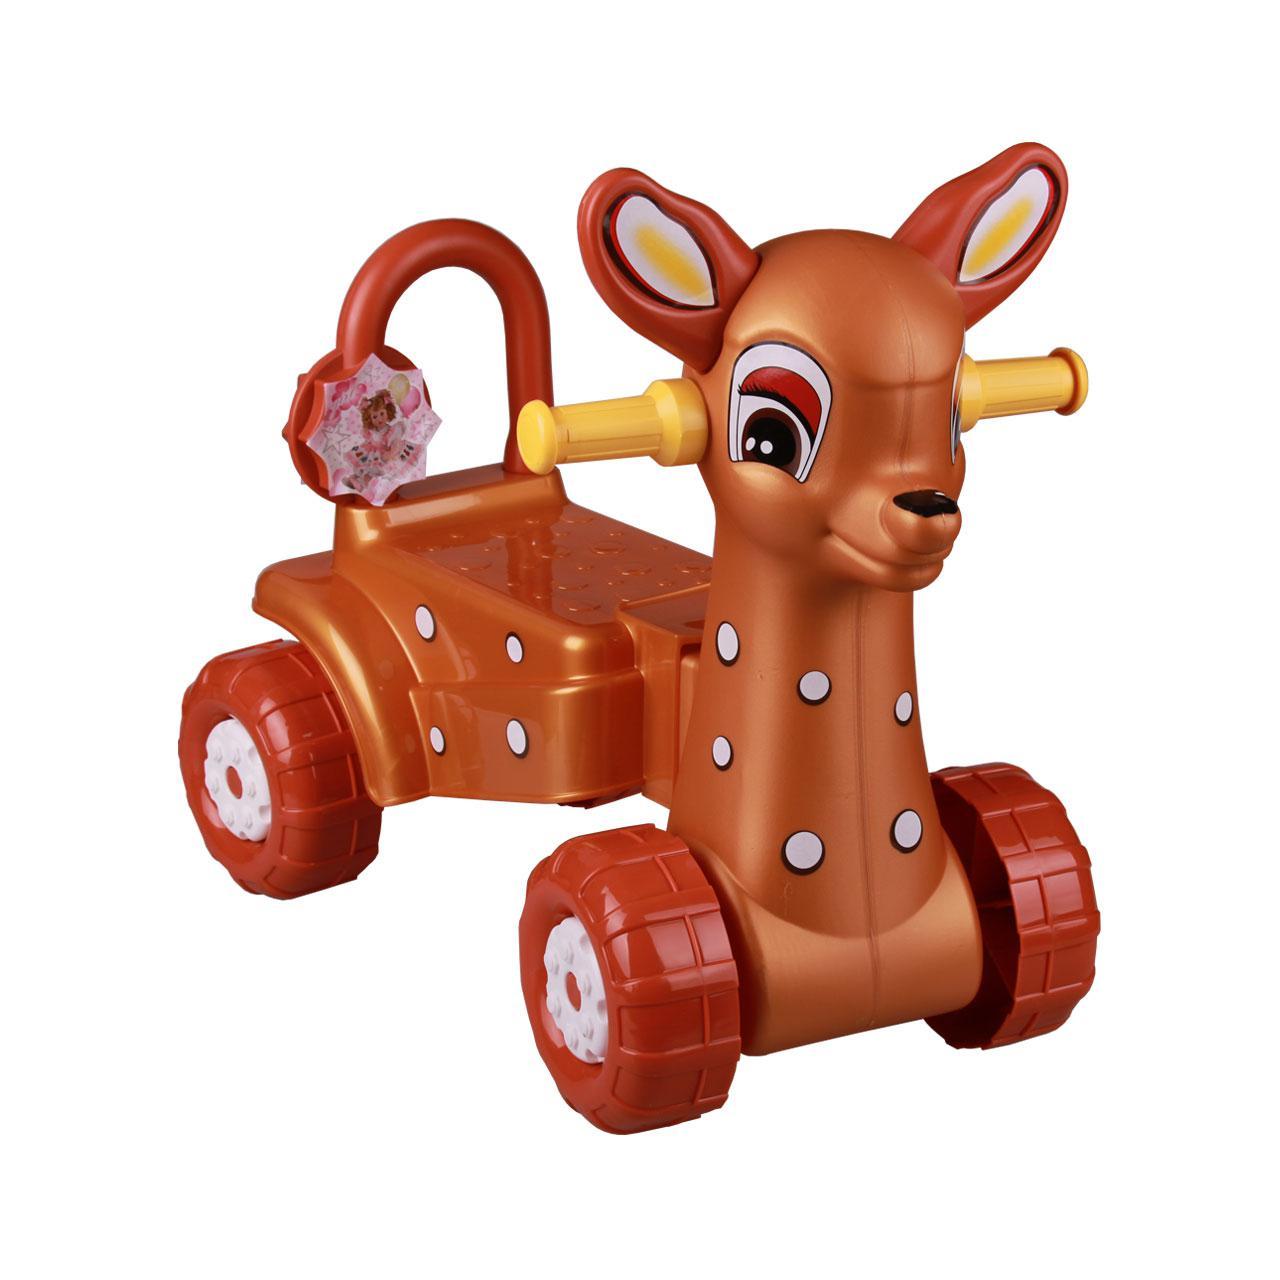 Сбор заказов. История игрушек. Все для счастливого детства: развивающие игрушки, велосипеды, самокаты, каталки, палатки, качели